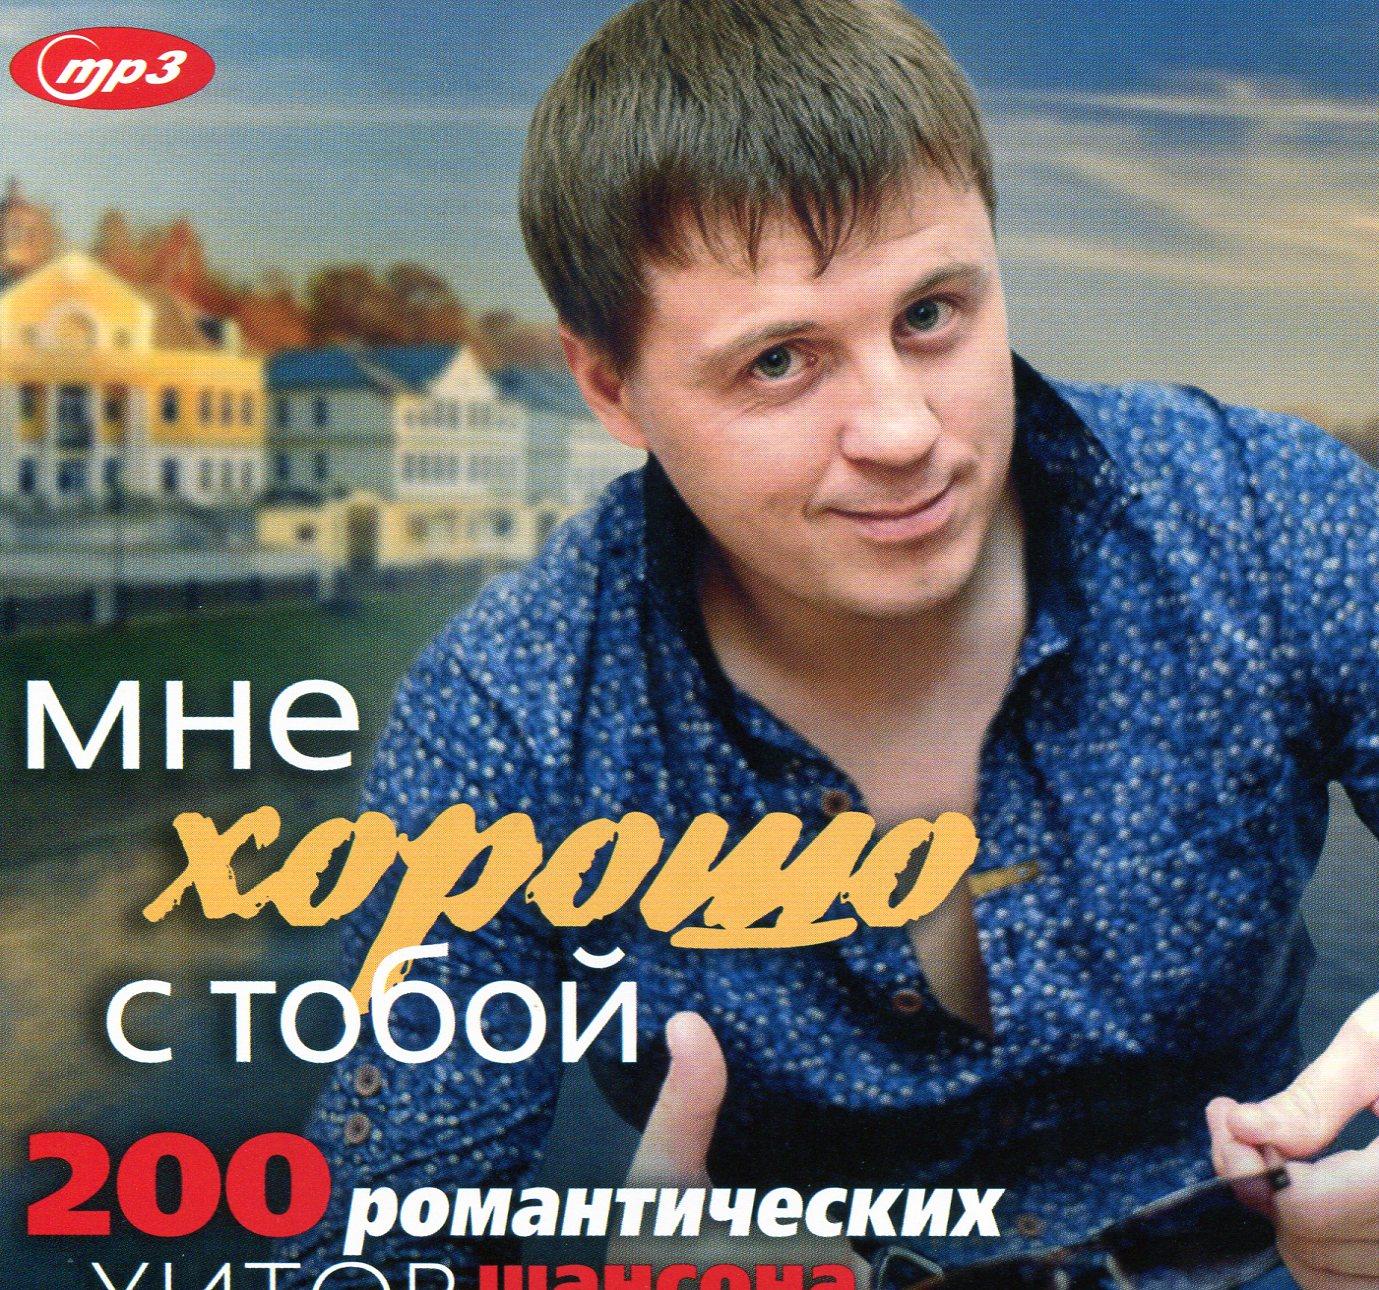 МНЕ ХОРОШО С ТОБОЙ - 200 романтических хитов шансона [mp3]